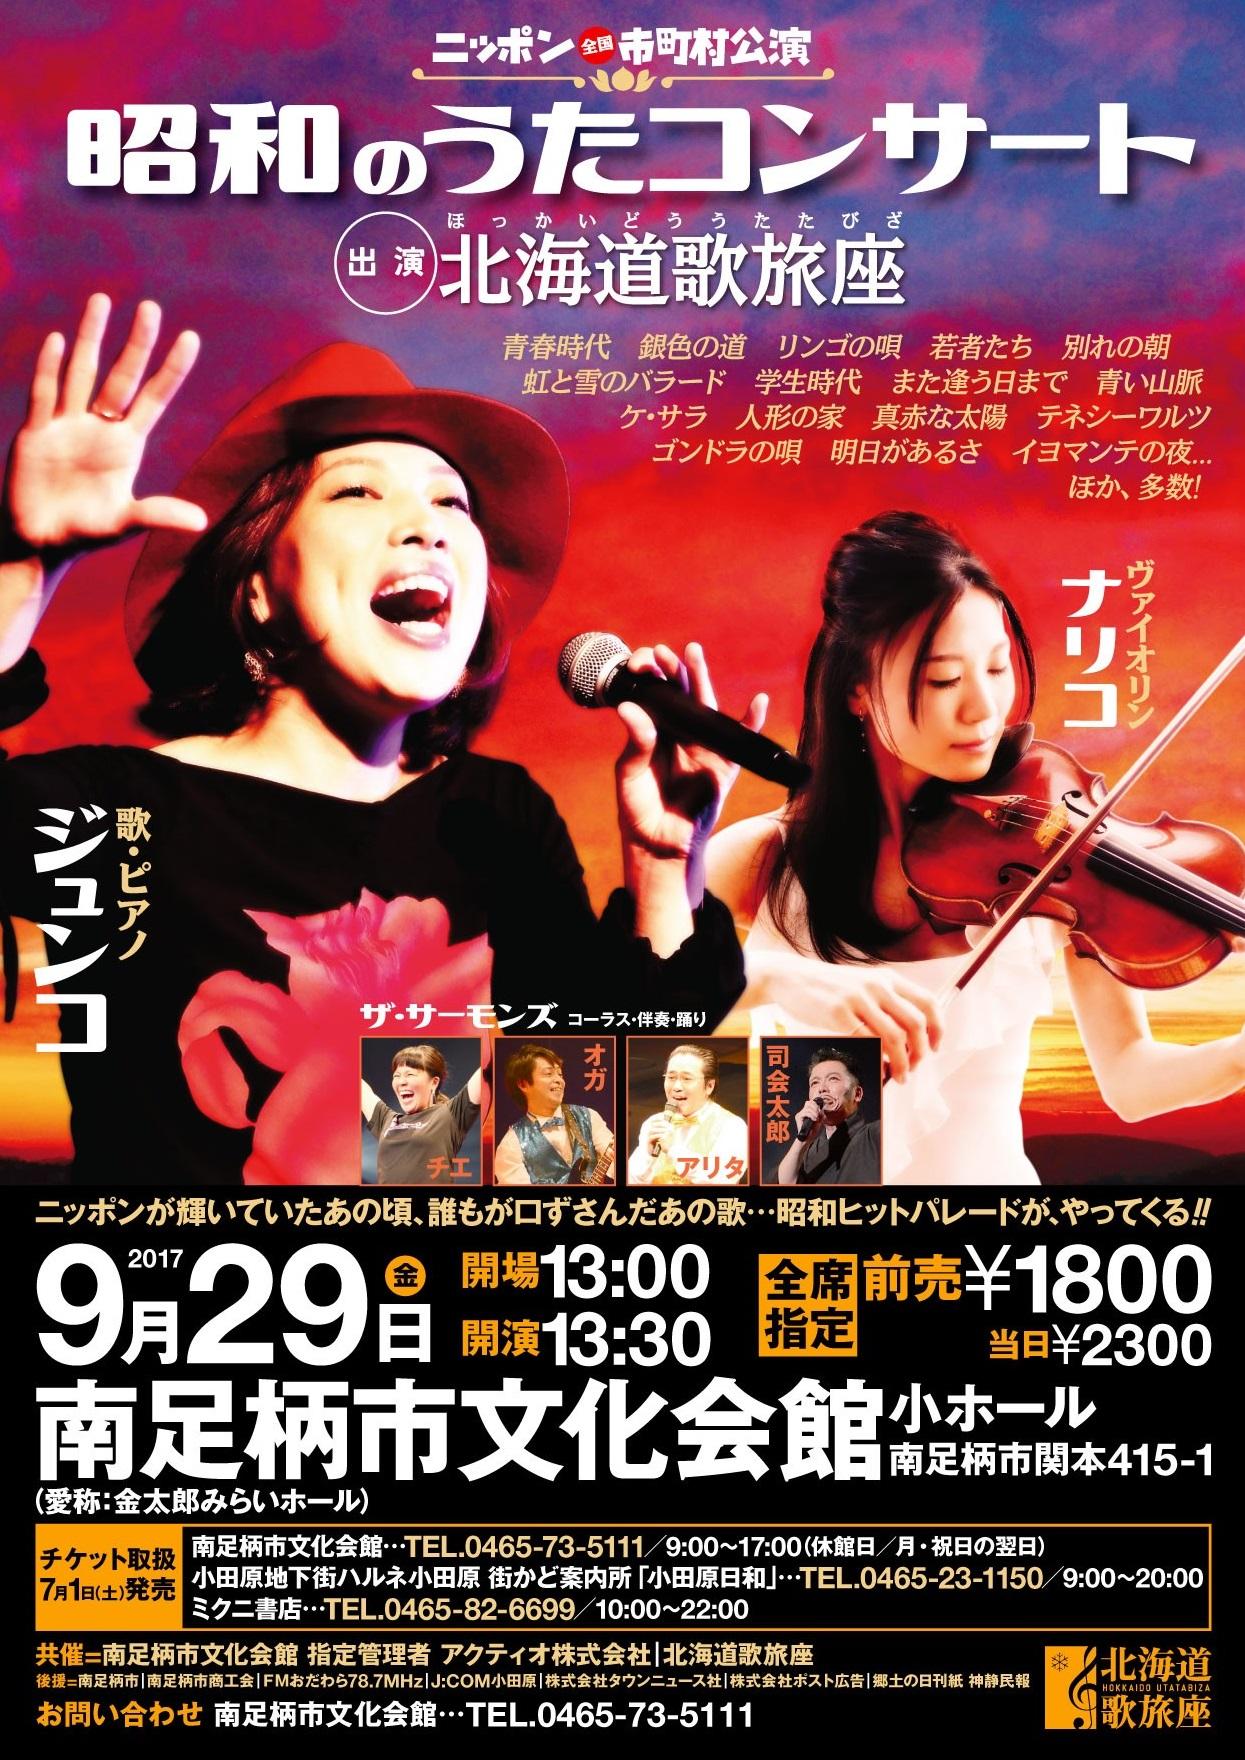 昭和のうたコンサート 北海道歌旅座 南足柄公演